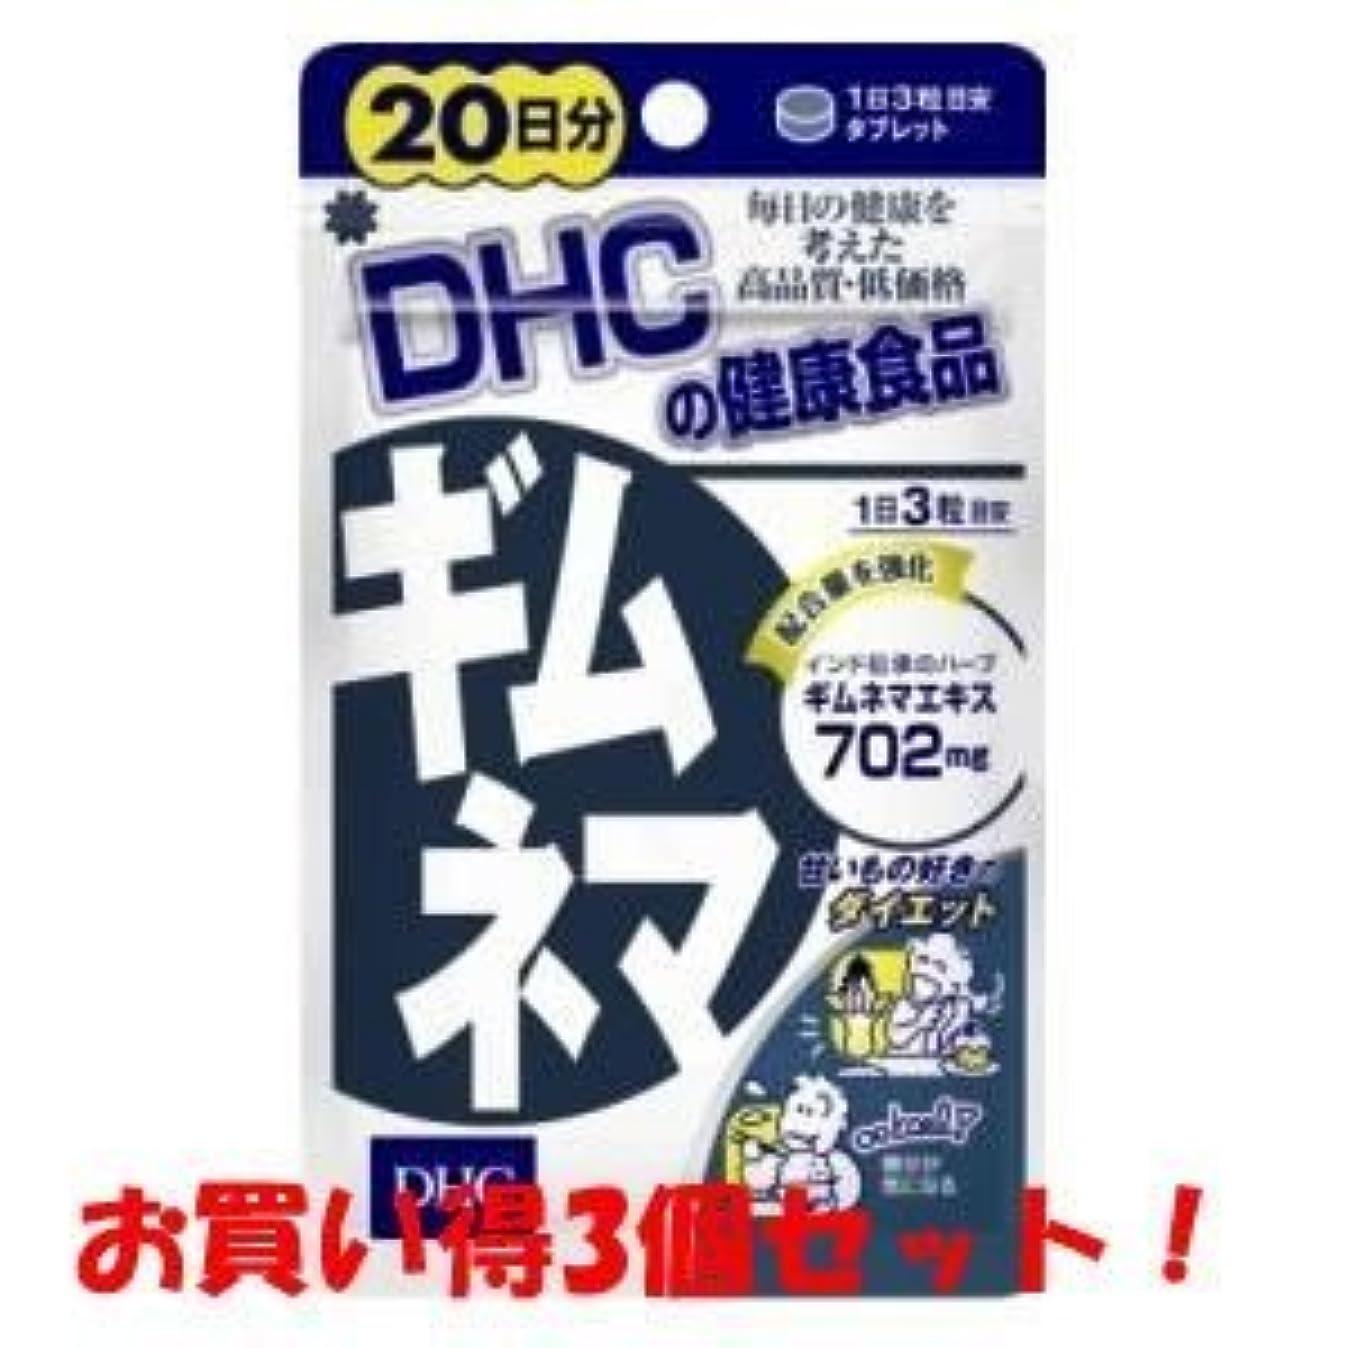 一貫性のないリハーサルミリメーターDHC ギムネマ 20日分 60粒(お買い得3個セット)